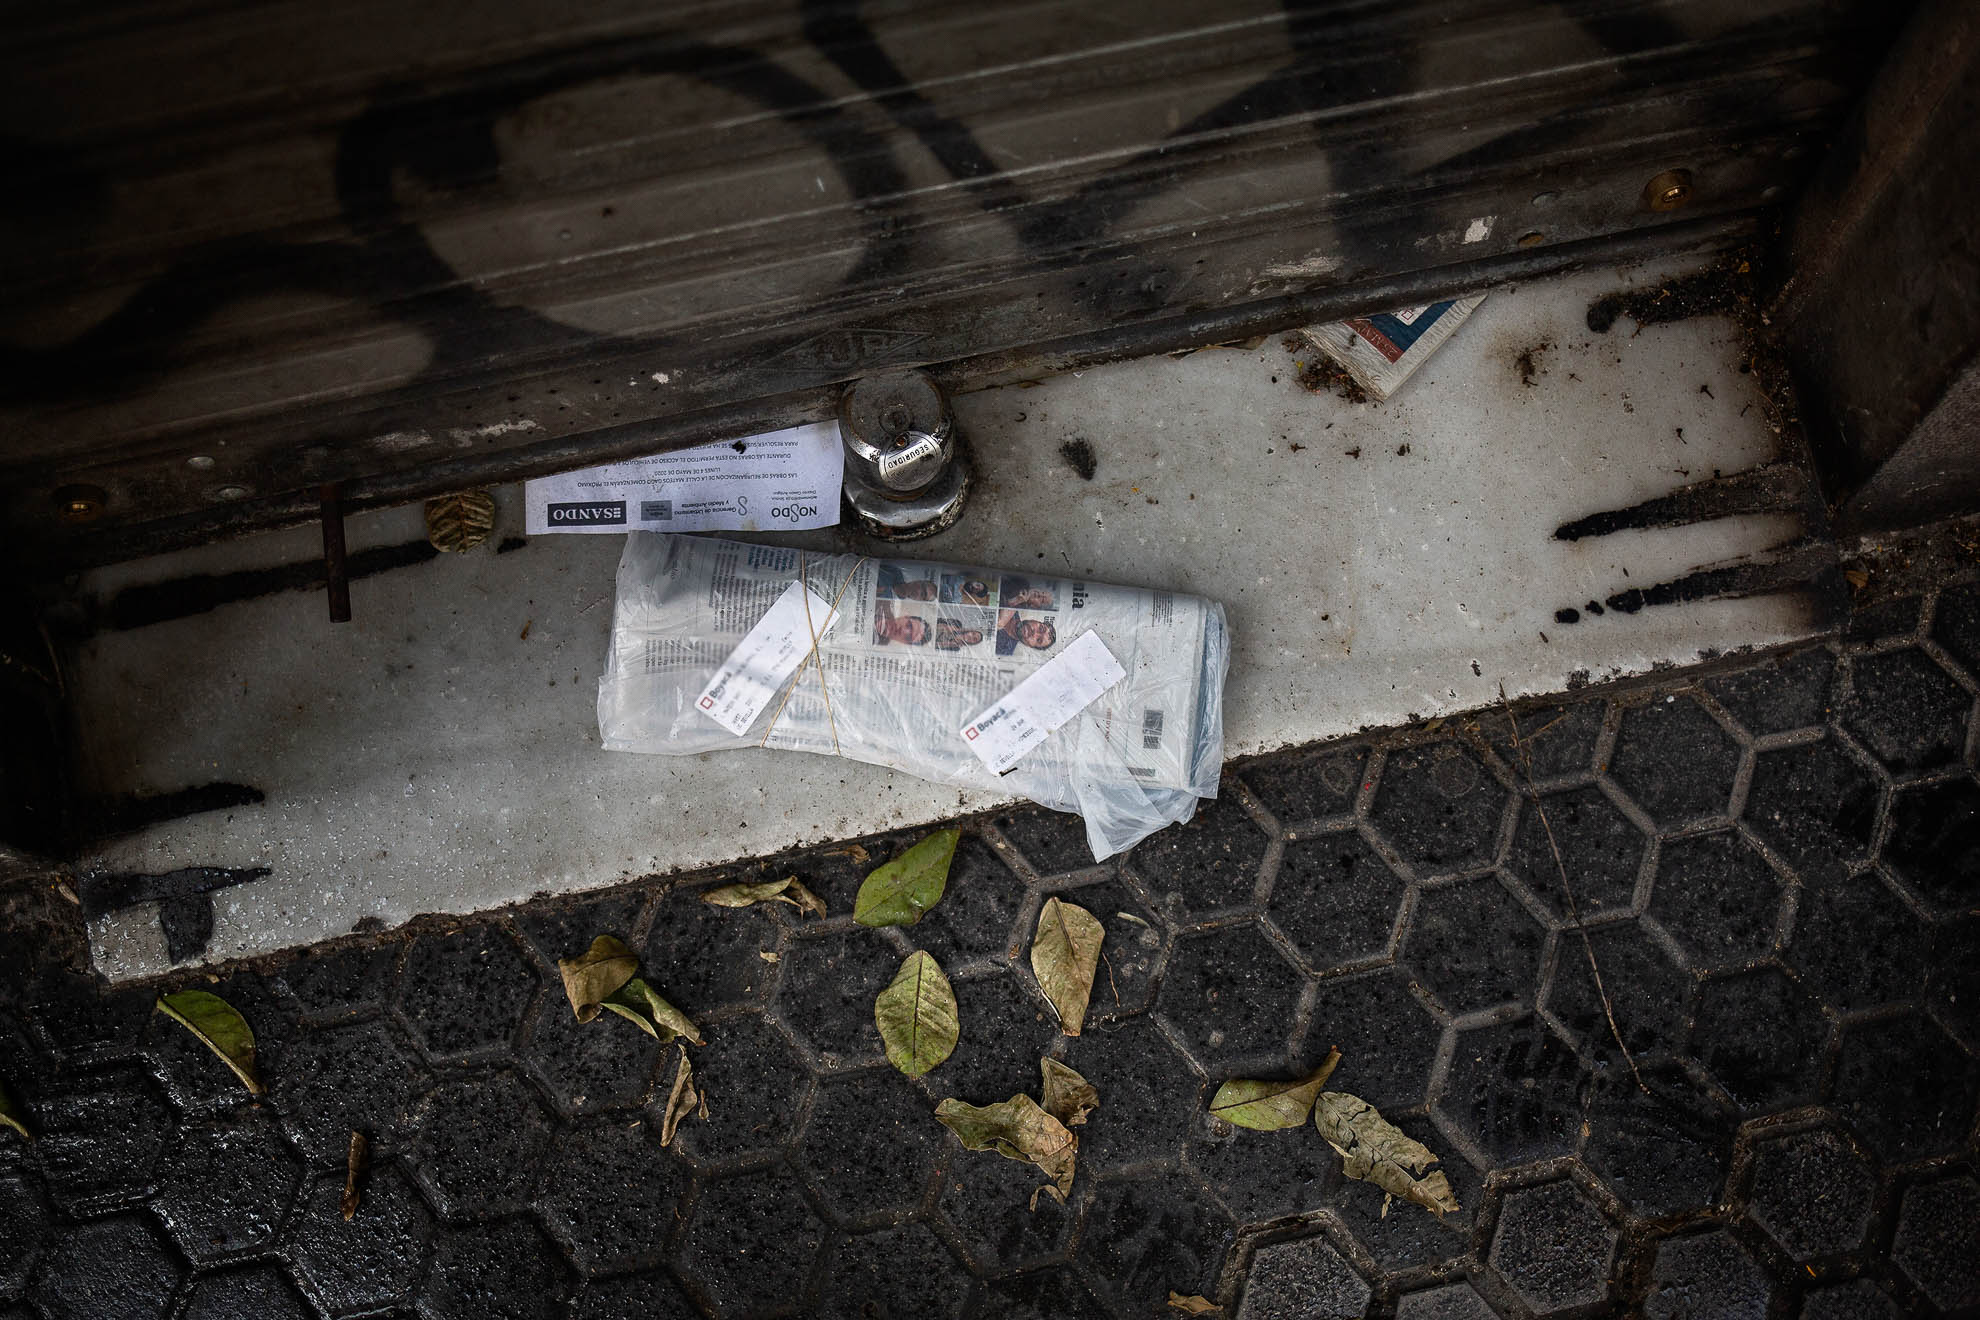 La calle Matías Gago, junto a la Catedral y Giralda de Sevilla, solía ser un hervidero de tabernas, bares y restaurantes atestados de turistas que degustaban tapas típicas. Sin turistas por el cierre de fronteras debido al COVID-19, la inmensa mayoría de los establecimientos de restauración, han decidido permanecer cerrados pese a permitirse la apertura de terrazas. La imposición de cuarentenas obligatorias de 15 días a los visitantes que vengan a España, tan sólo confirma la idea que merodea en la cabeza de muchos negocios de hostelería: permanecer cerrados tanto como sea posible por no ser rentable abrir. Tras más de dos meses cerrados, las notificaciones y correspondencias de algunos establecimientos se amontonan en las puertas de las tabernas sevillanas más céntricas y populares.